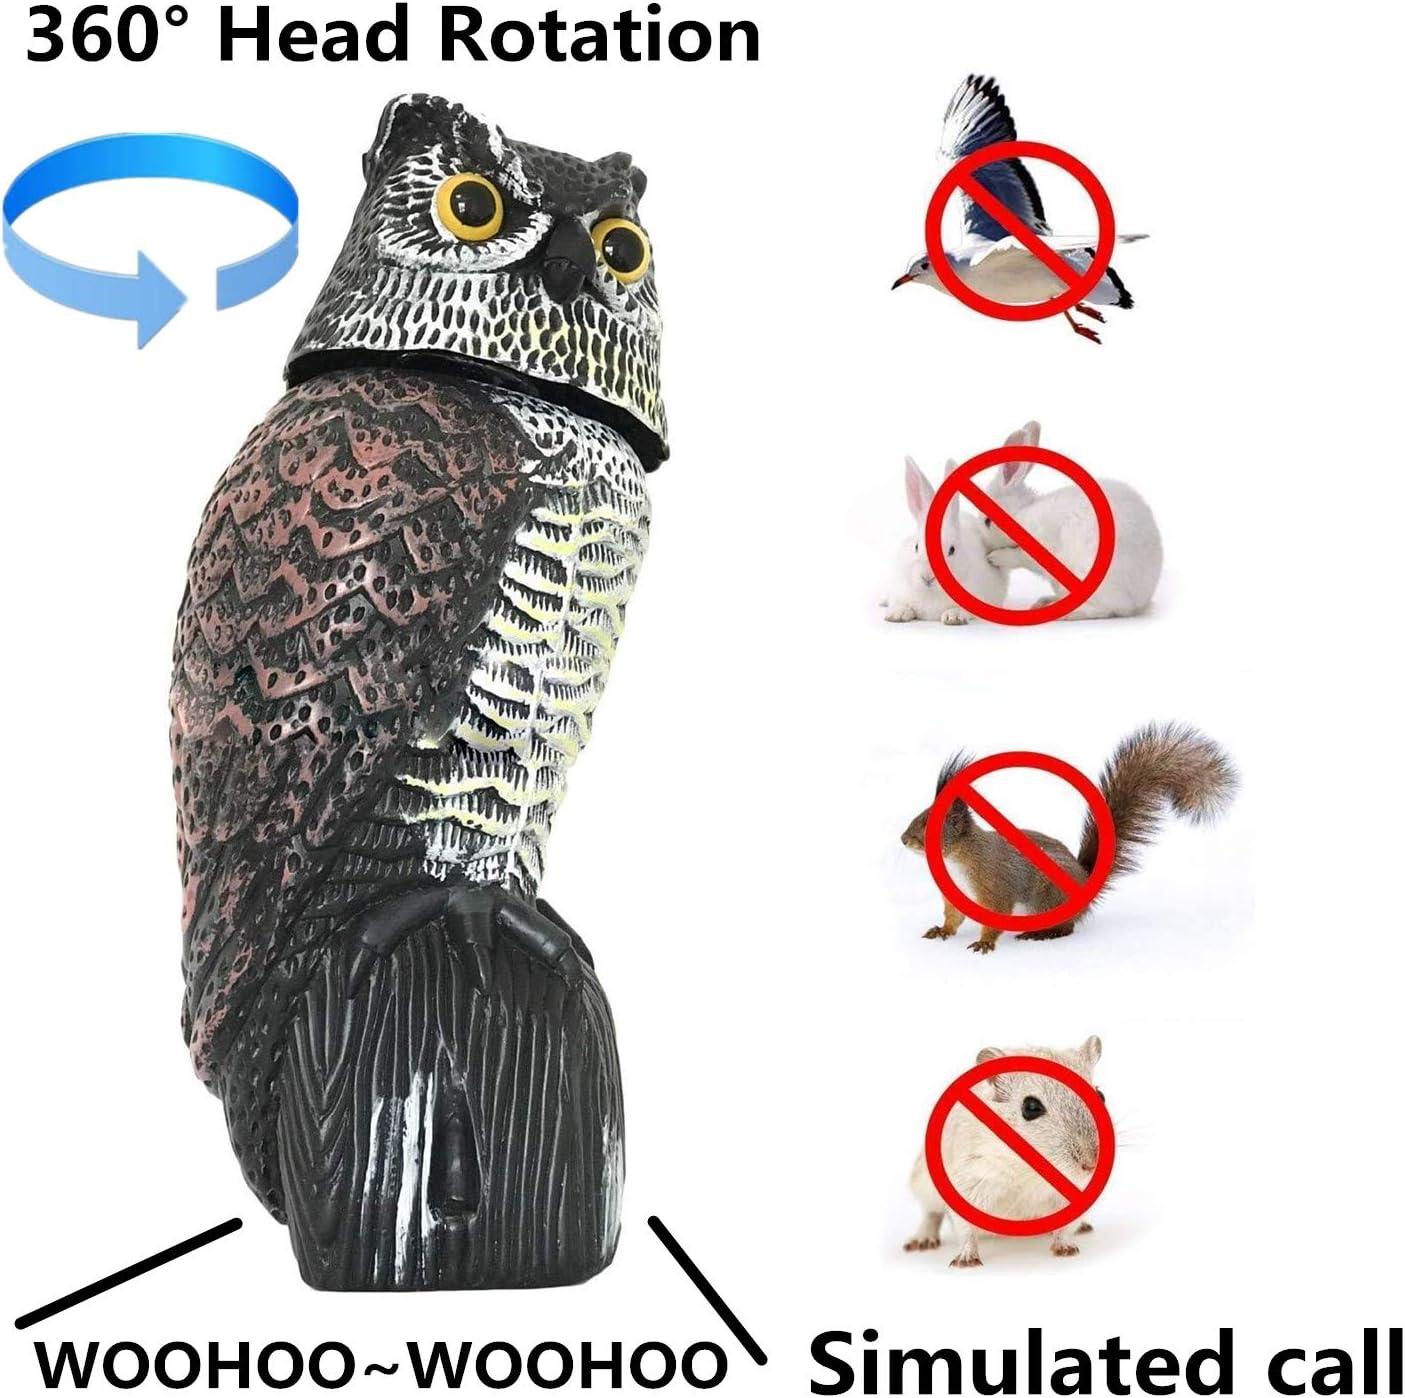 Spaventapasseri Spaventa Uccelli con Suono Spaventoso,Scaccia Piccioni Spaventapasseri Dissuasori con Occhi Riflettenti per Allontanare Gli Uccelli,41 cm